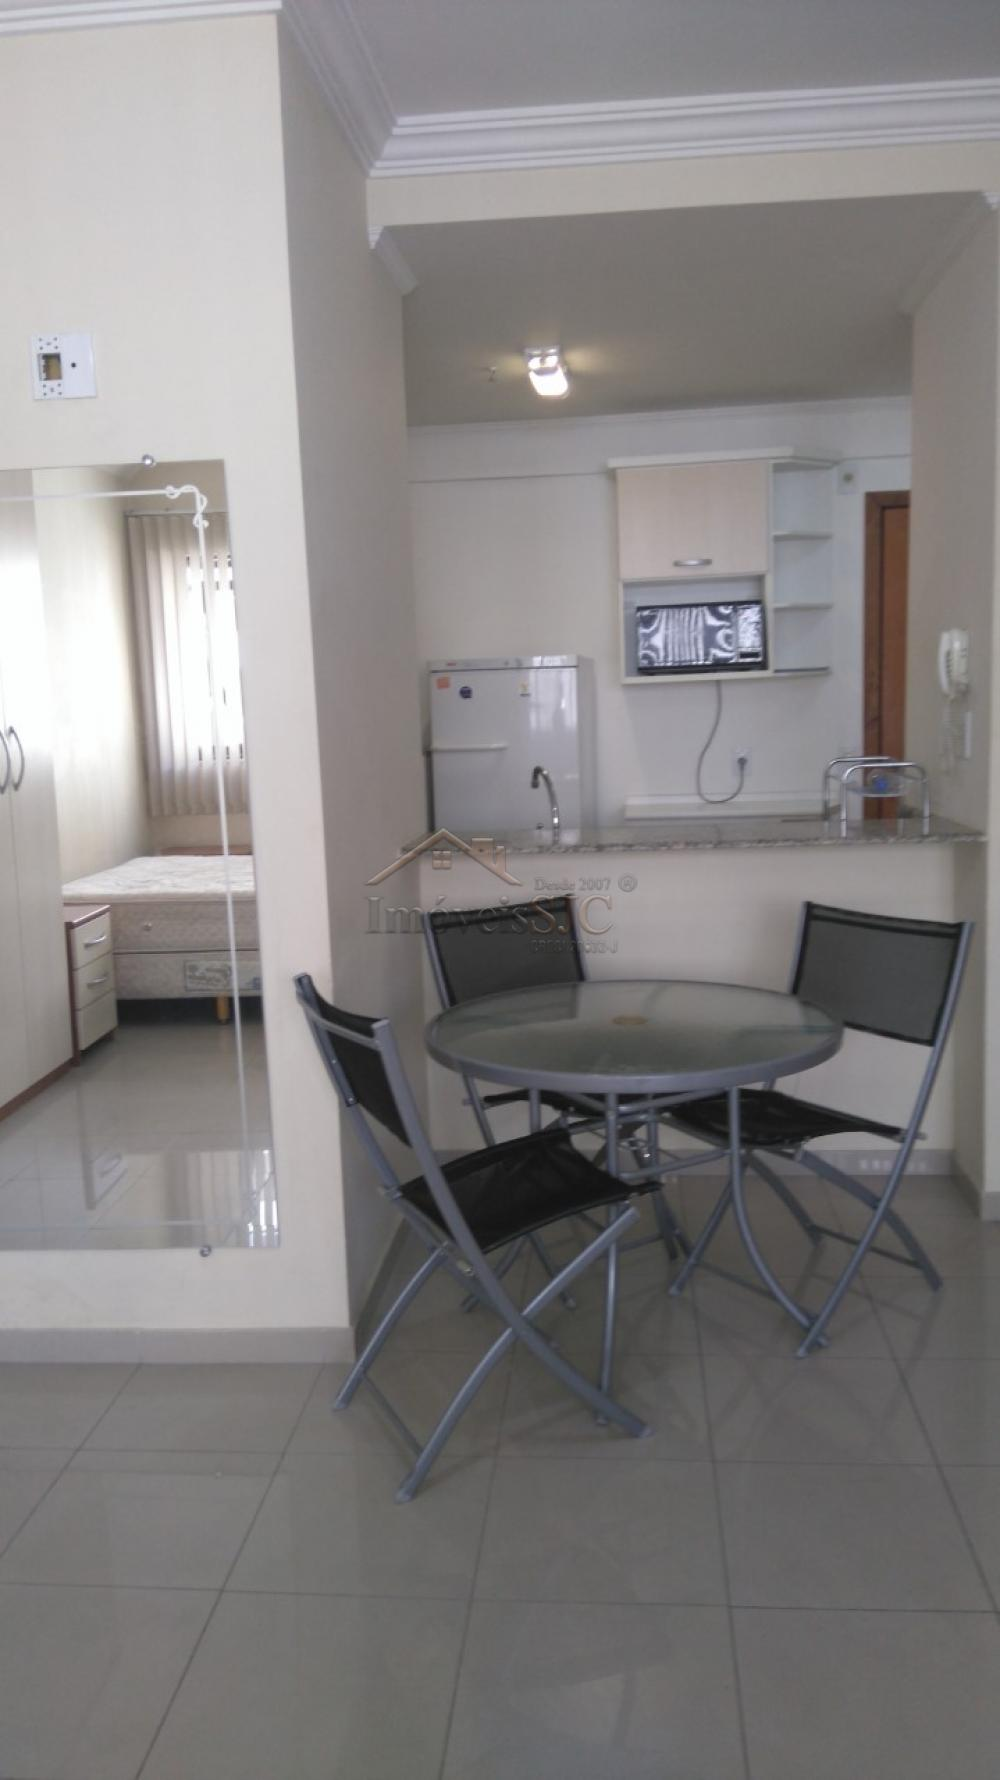 Alugar Apartamentos / Flat em São José dos Campos apenas R$ 1.400,00 - Foto 5